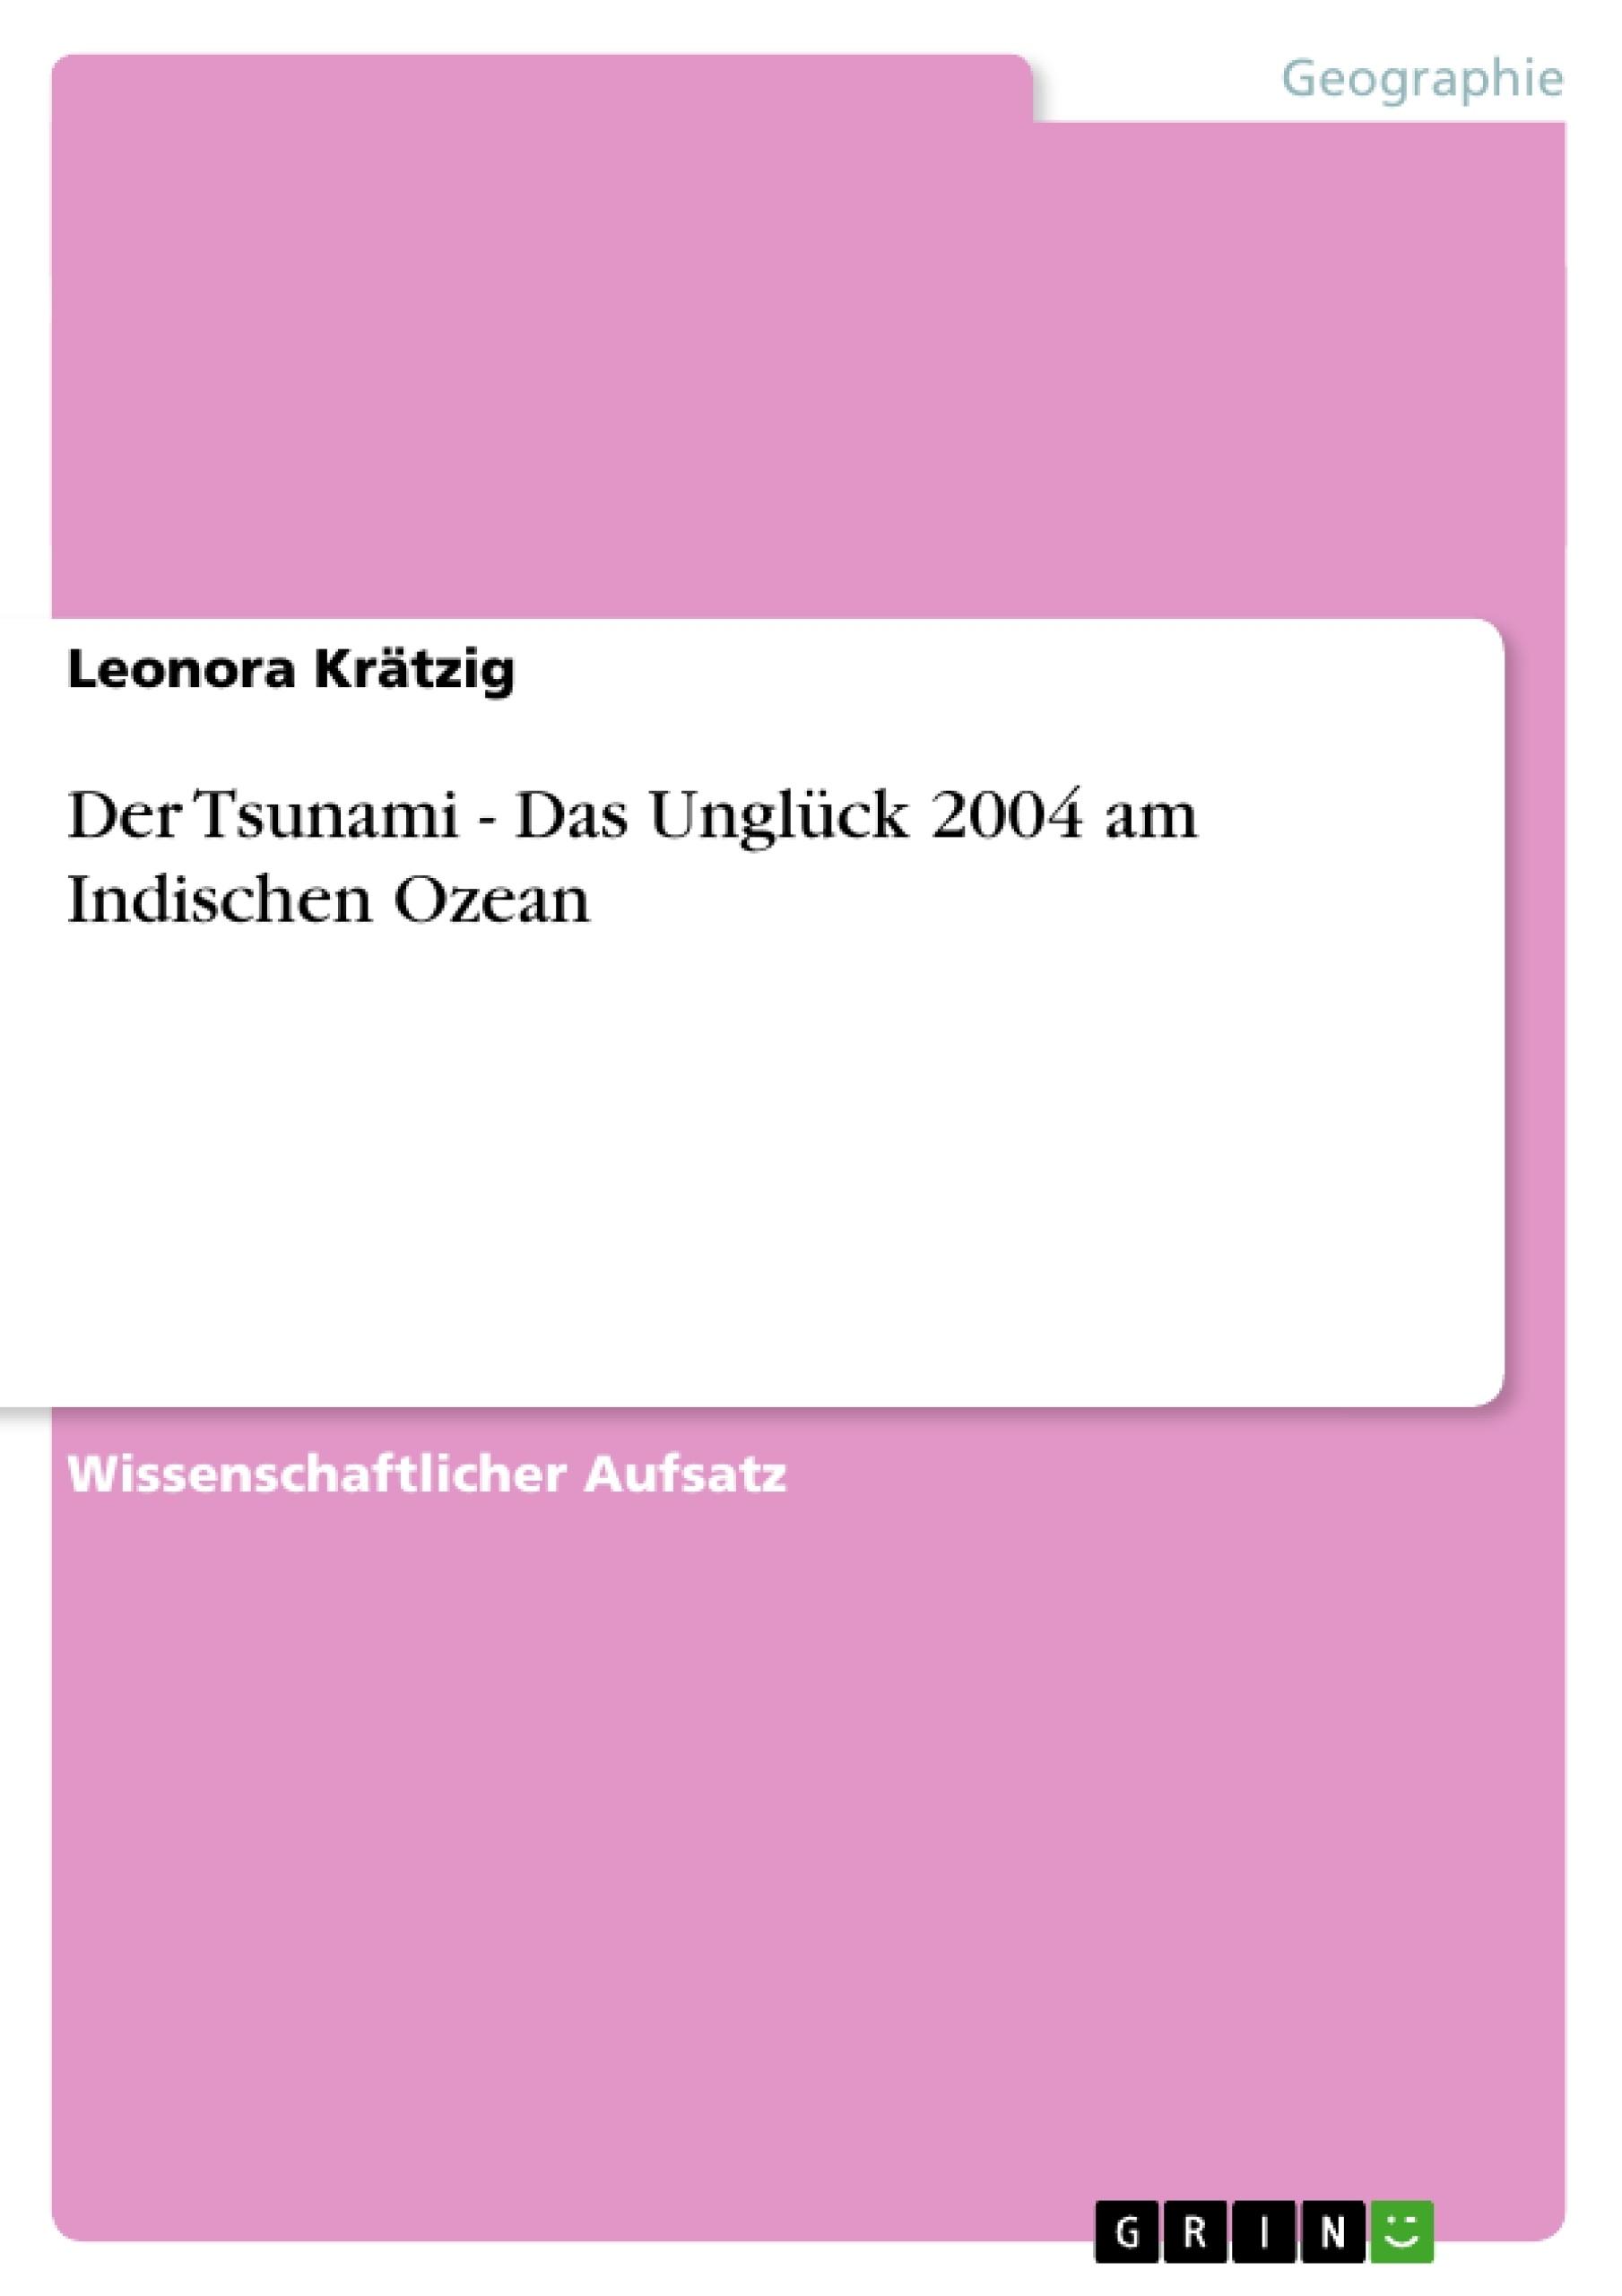 Titel: Der Tsunami - Das Unglück 2004 am Indischen Ozean